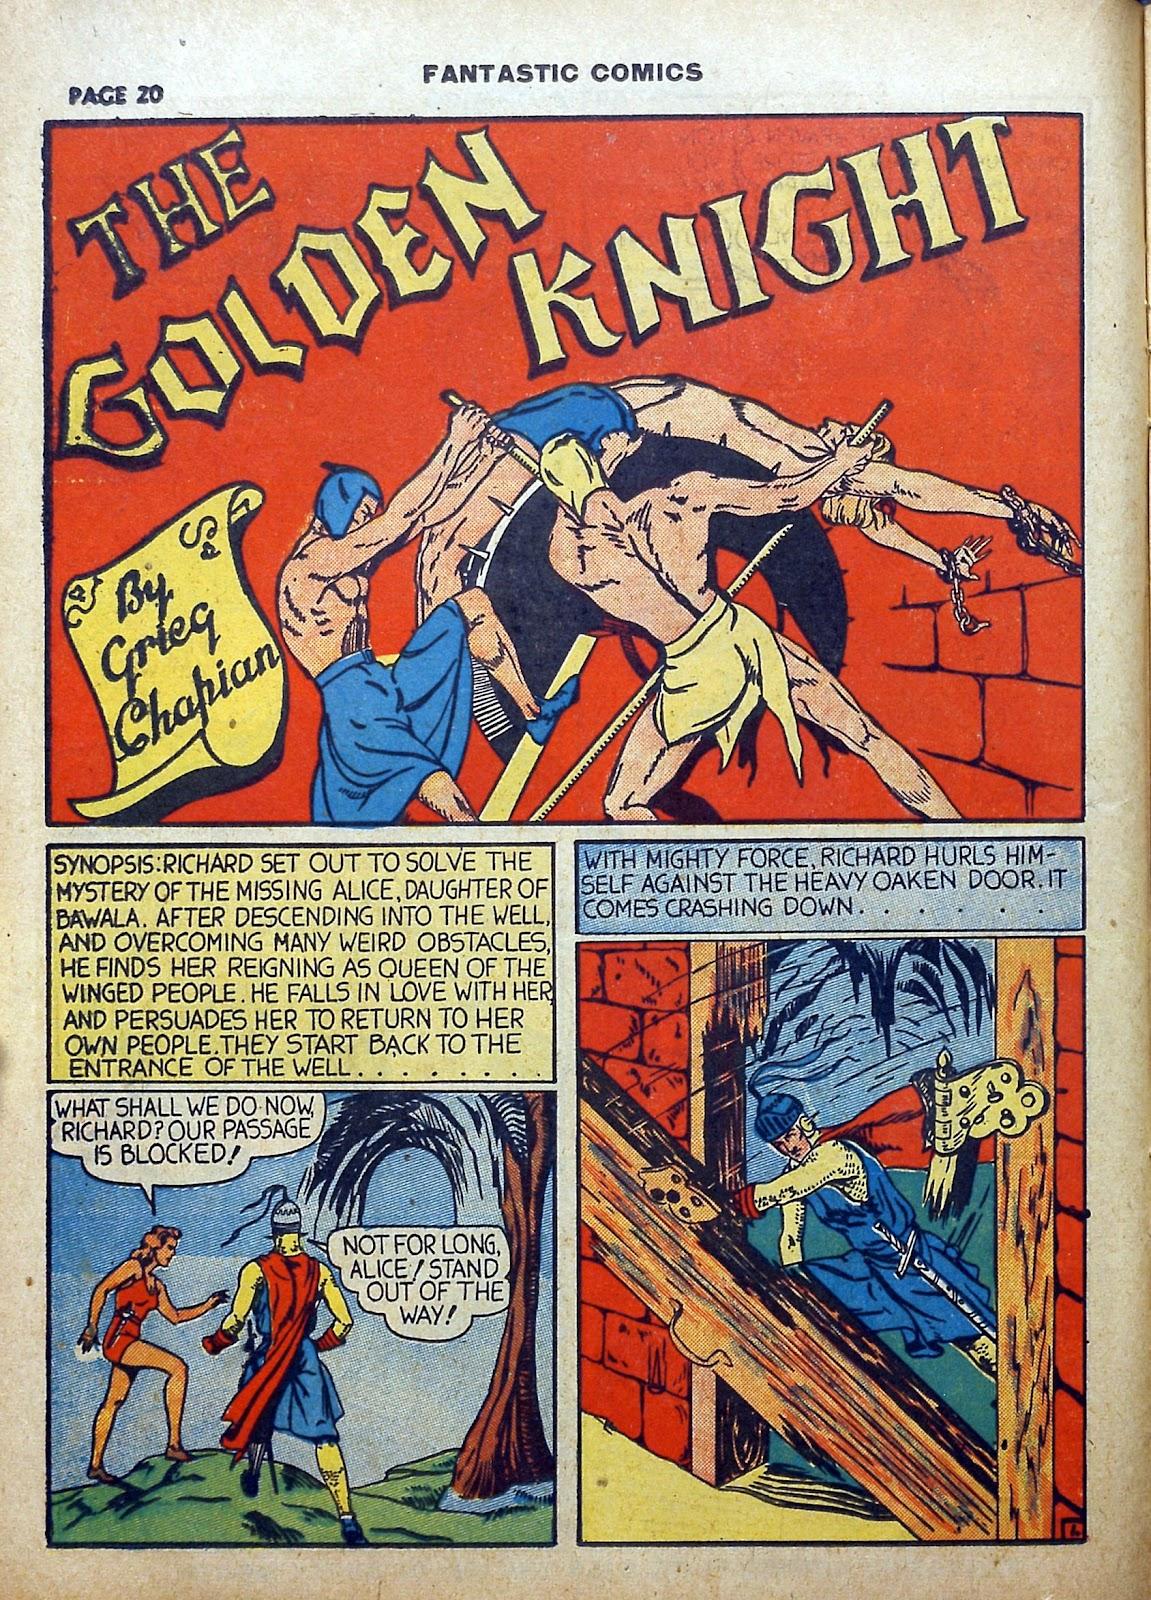 Read online Fantastic Comics comic -  Issue #5 - 21